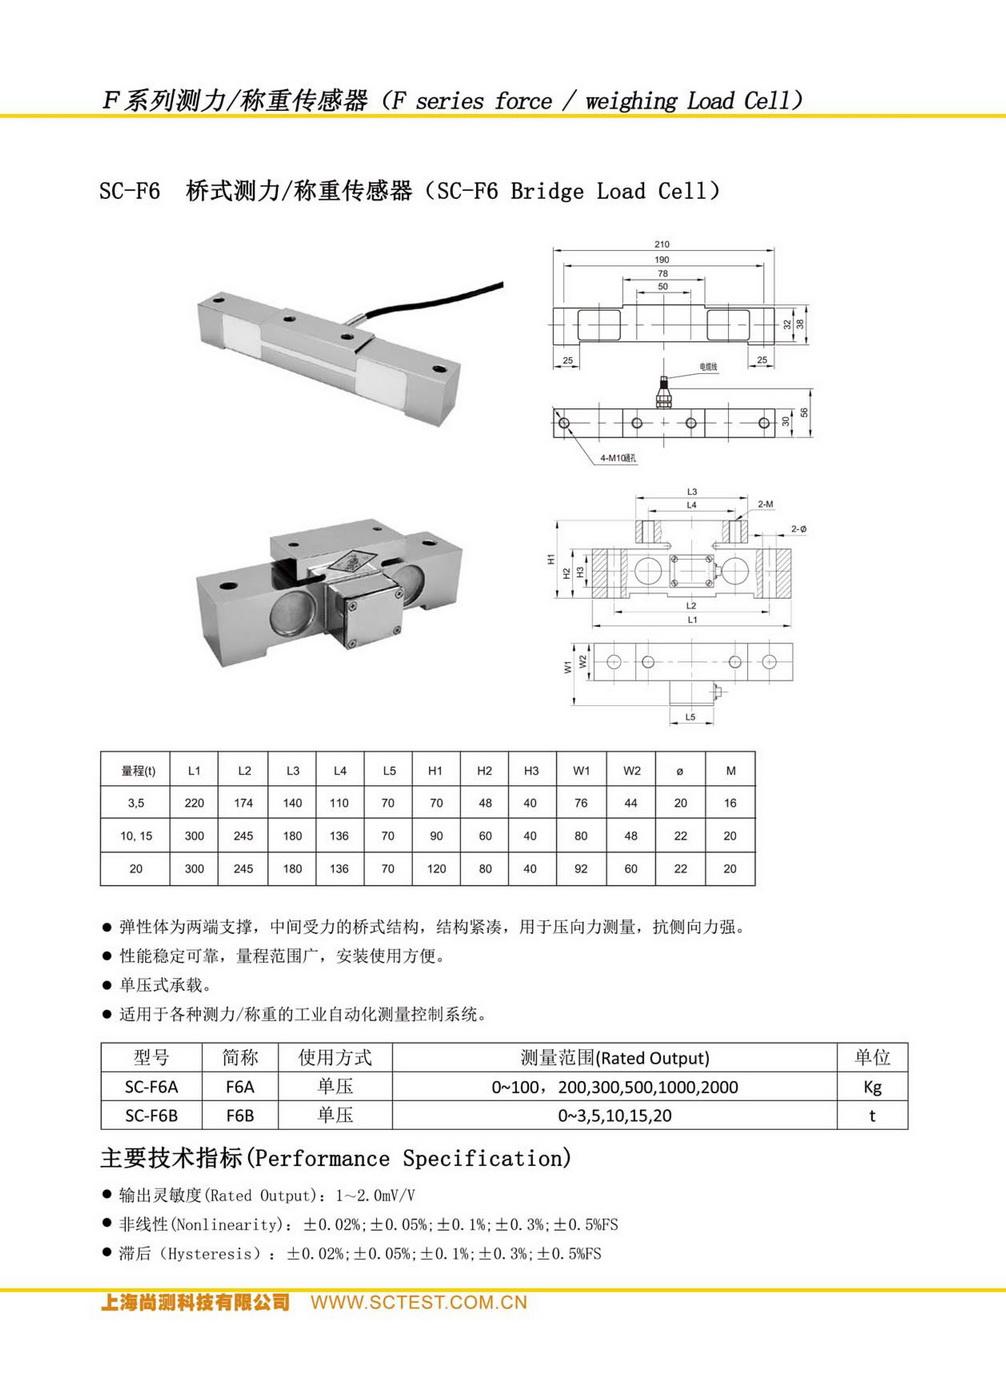 尚测科技产品选型手册 V1.3_页面_11_调整大小.jpg